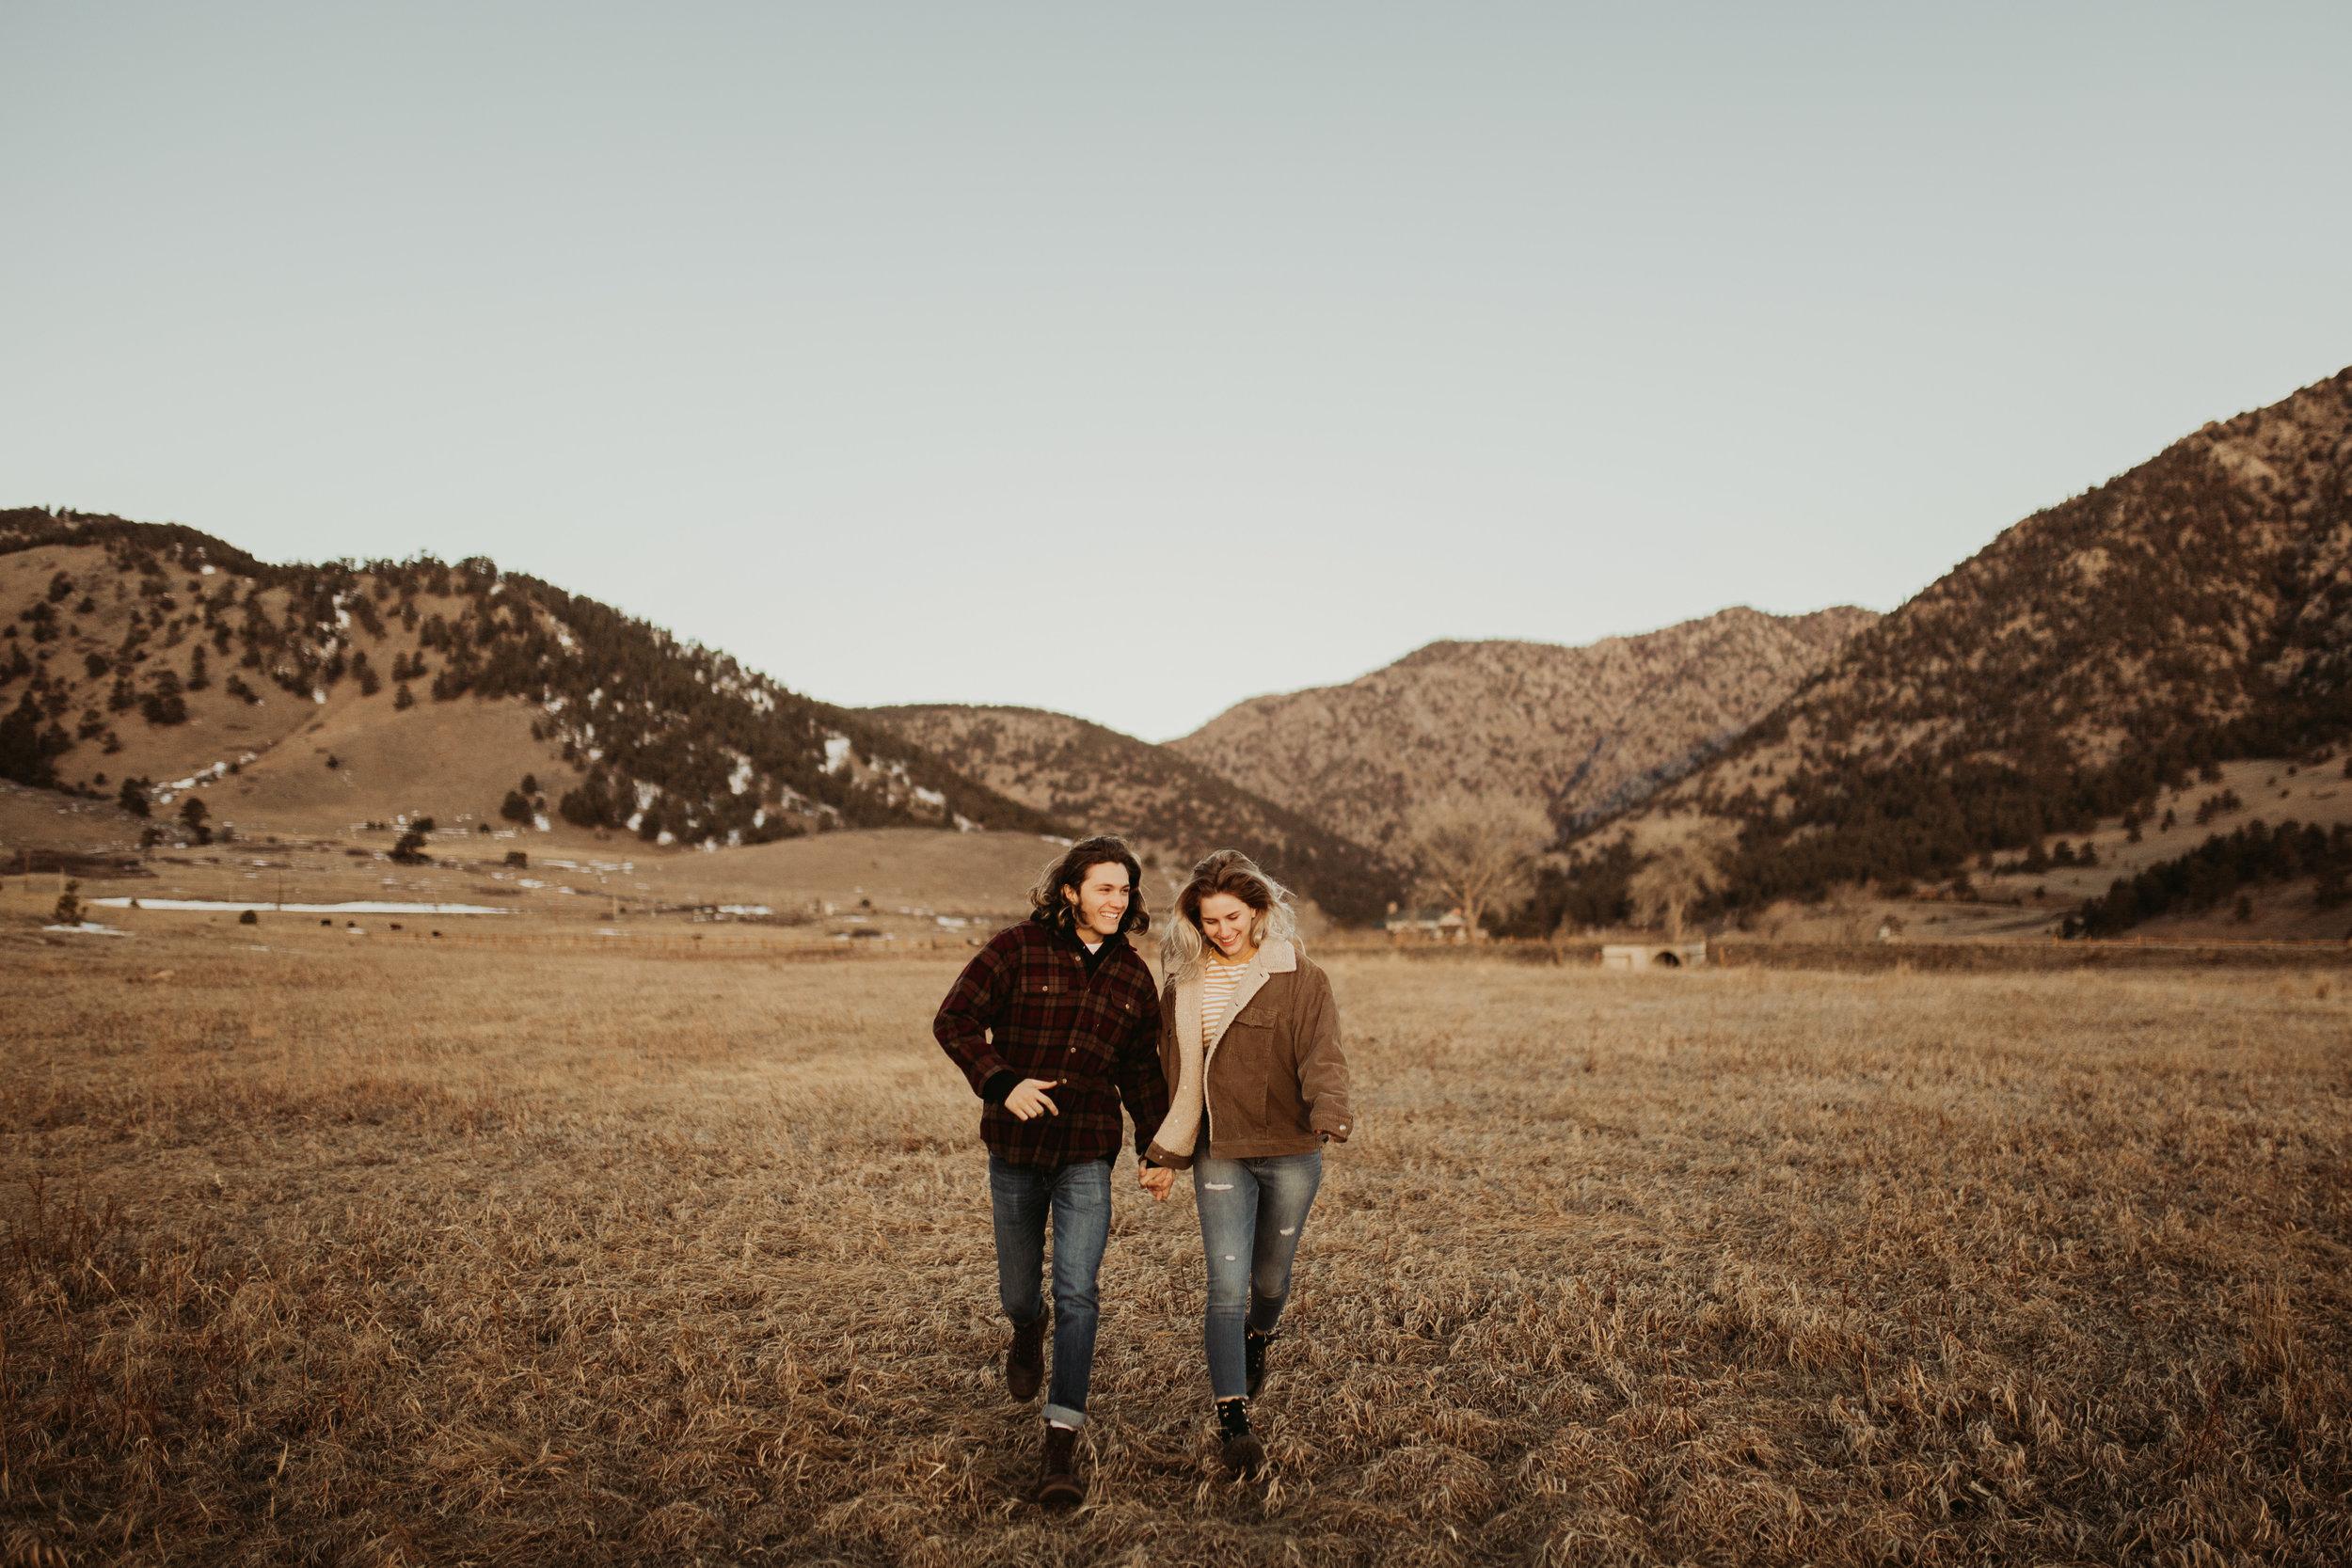 oceanside+california+wedding+photographer05.jpg